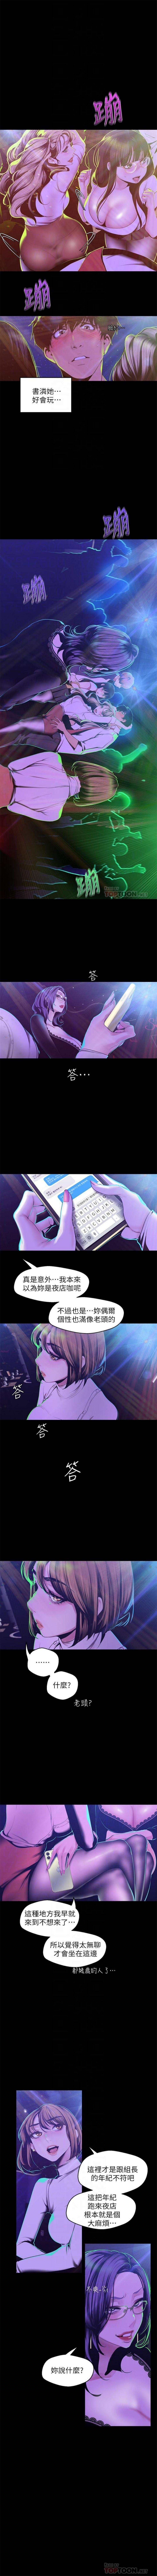 (週1)美麗新世界 1-76 中文翻譯 (更新中) 612